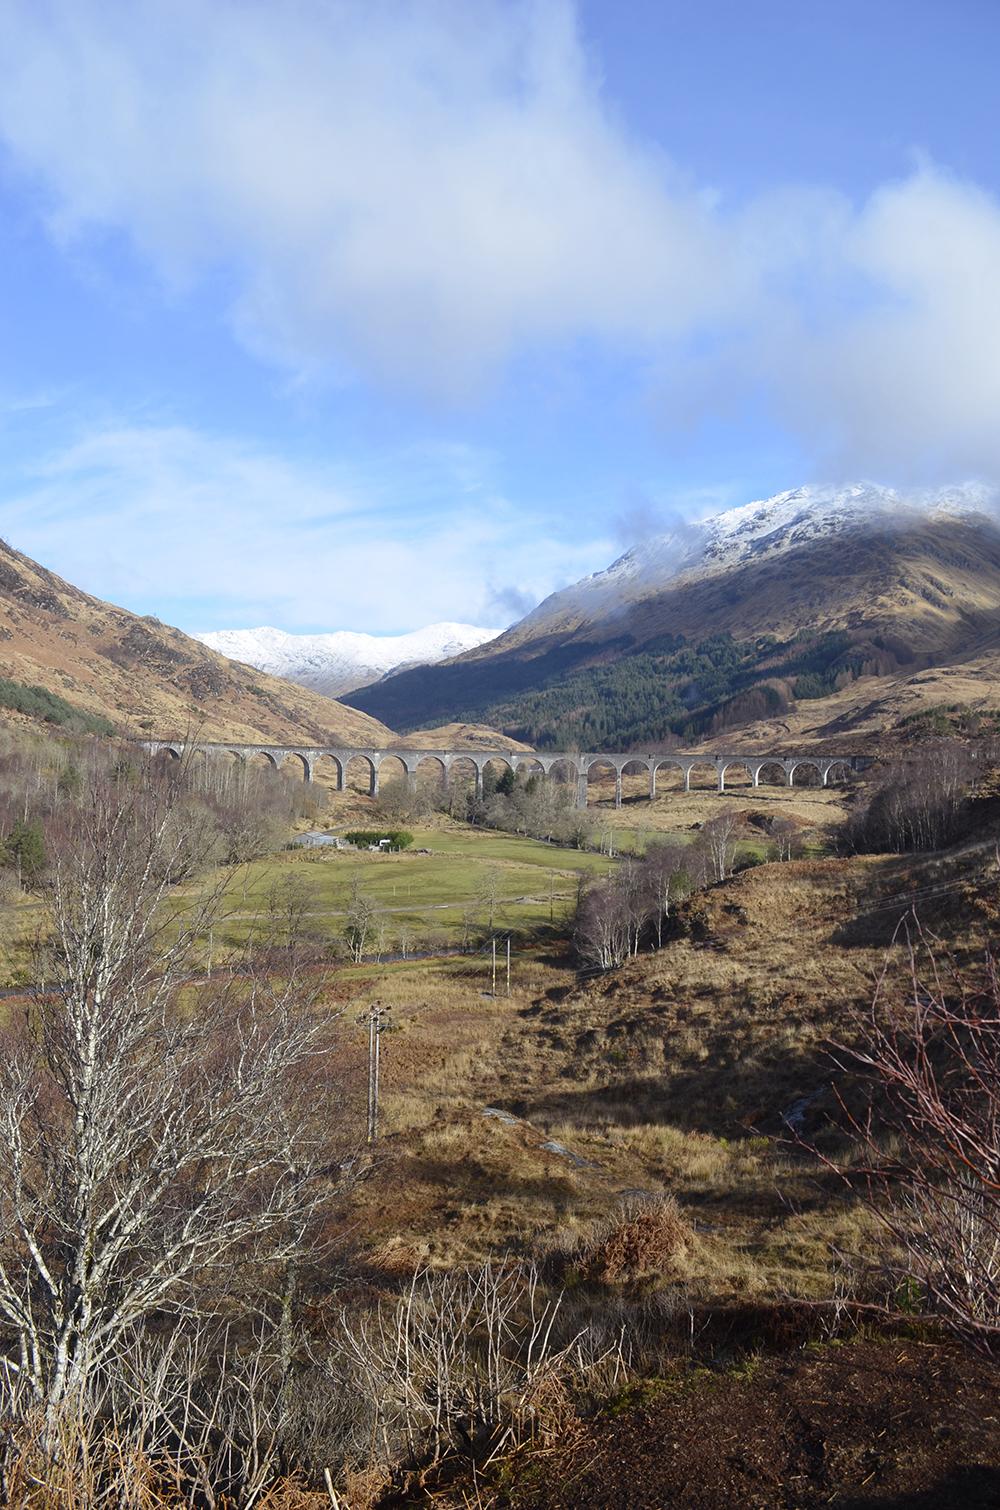 cosa vedere in scozia: glenfinnan viaduct di harry potter